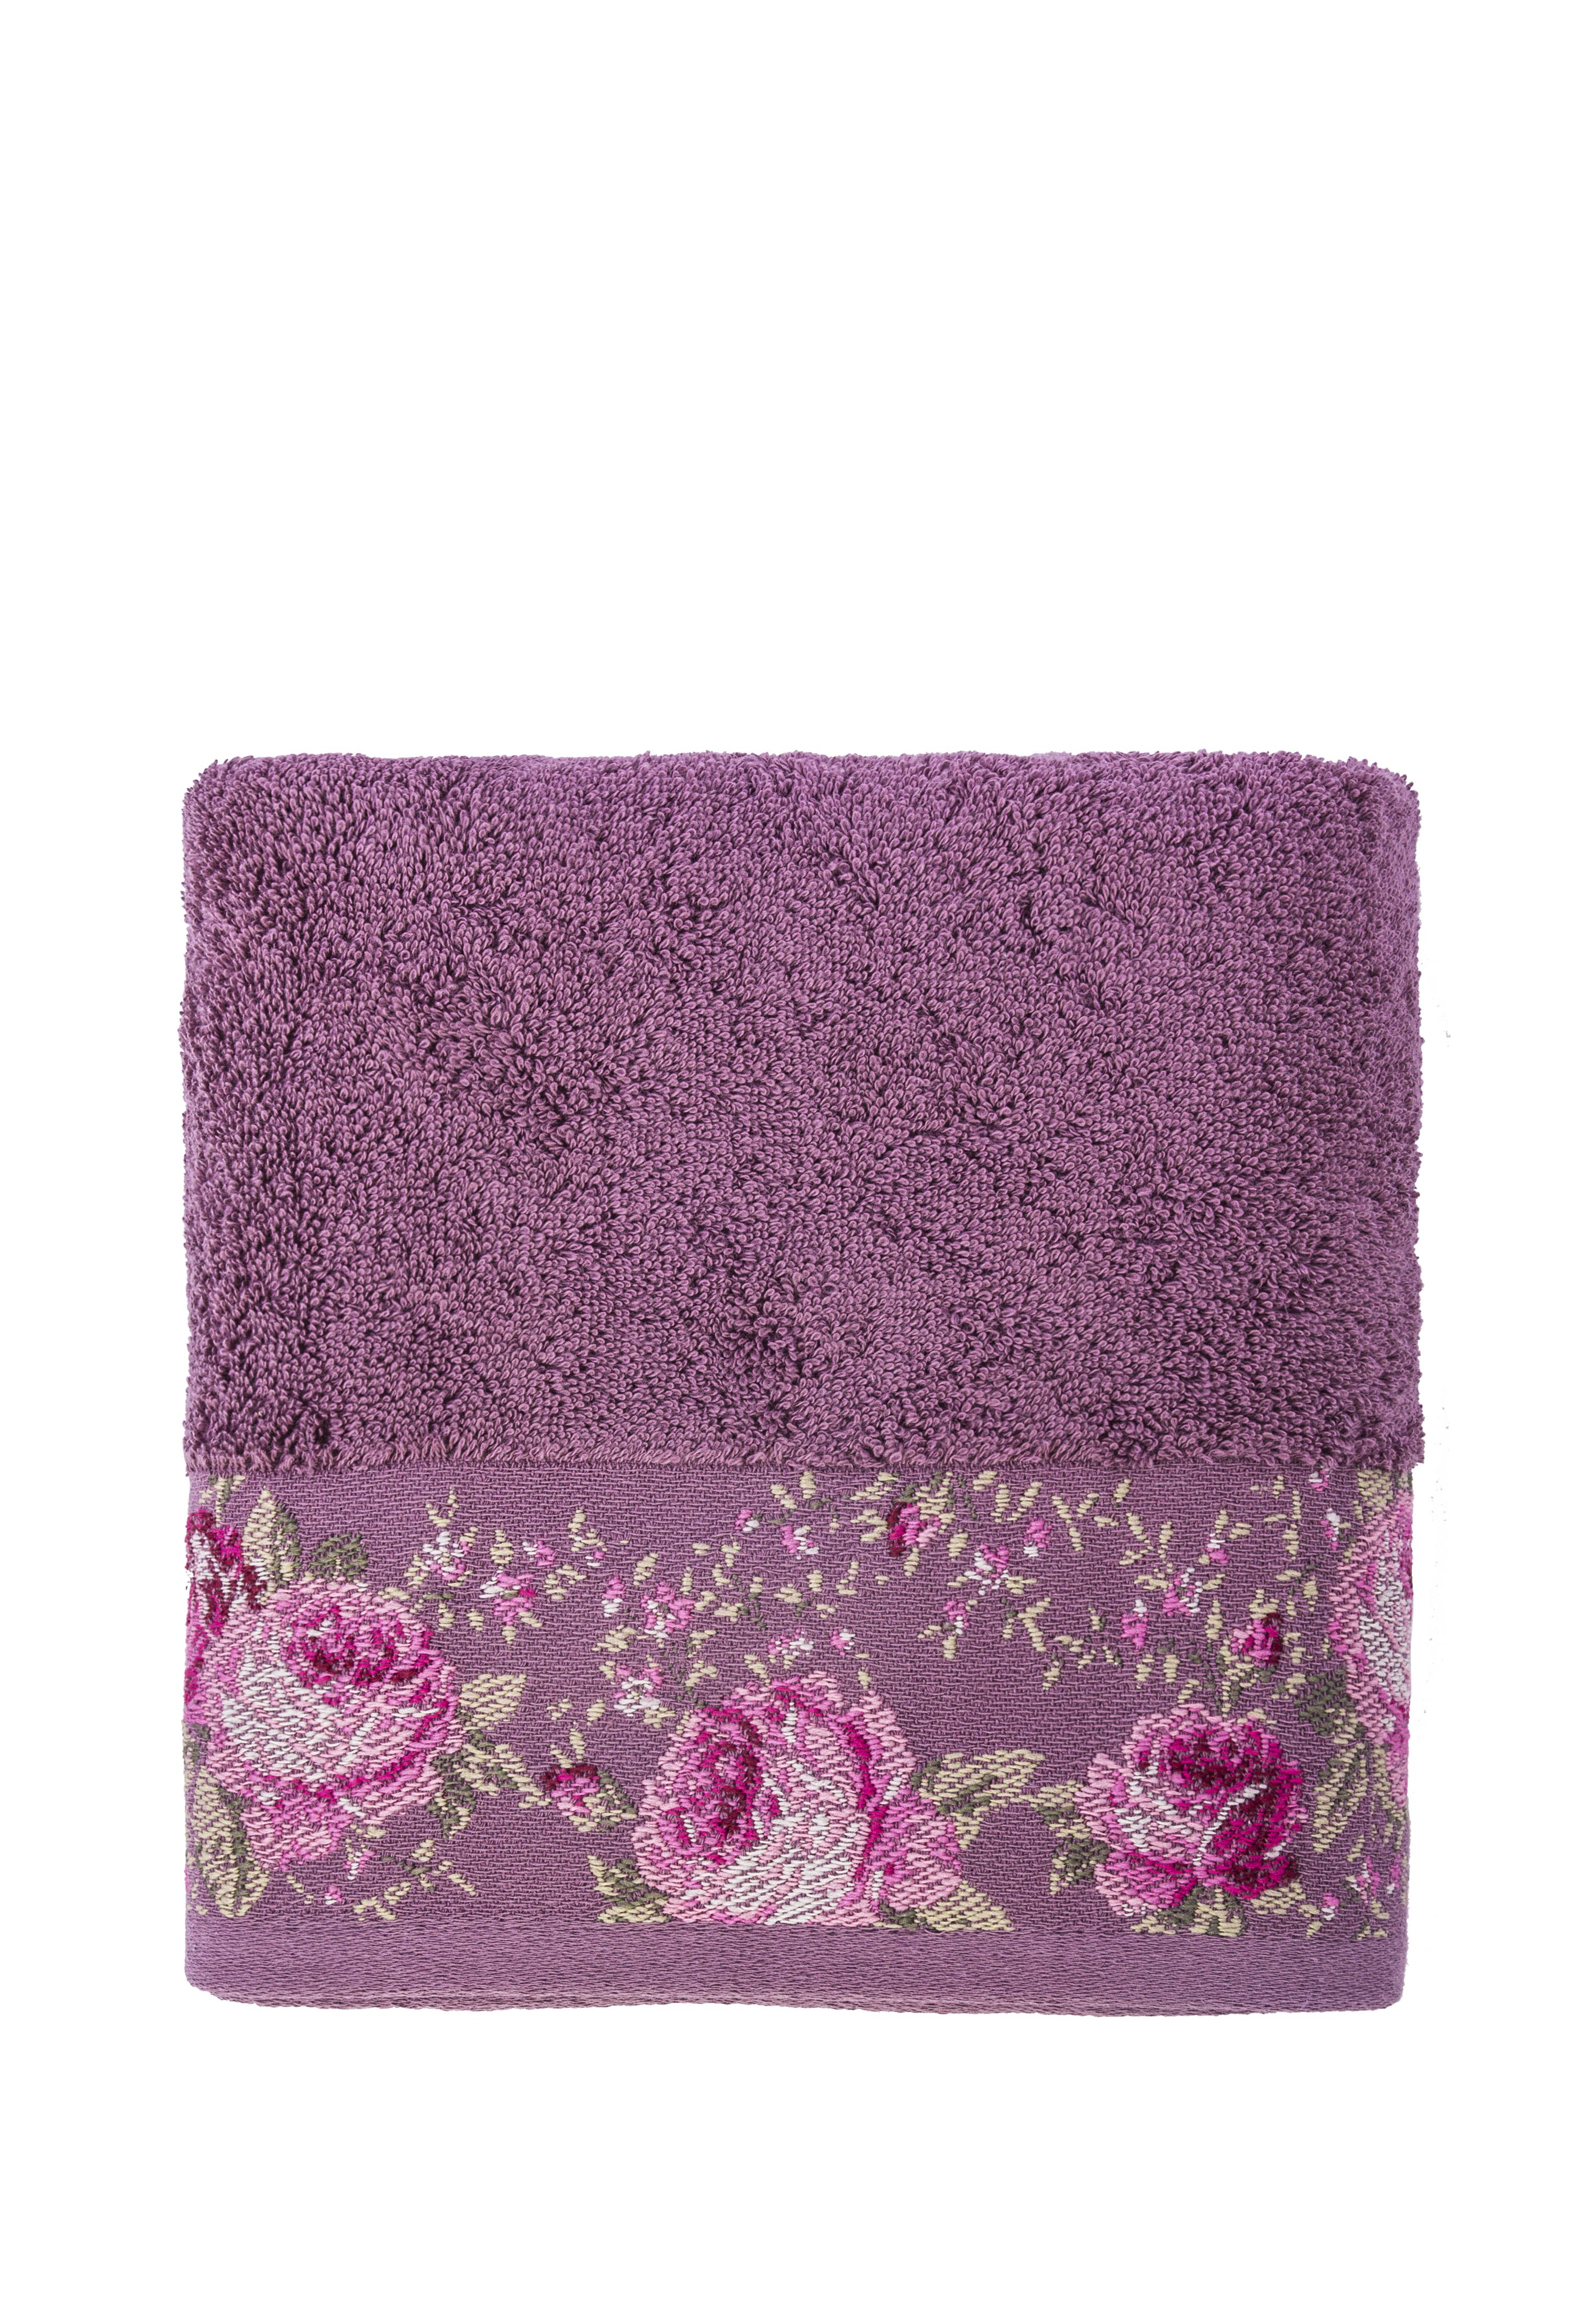 Полотенце банное Arya home collection Desima фиолетовый, фиолетовый полотенца arya полотенце desima цвет пурпурный 70х140 см